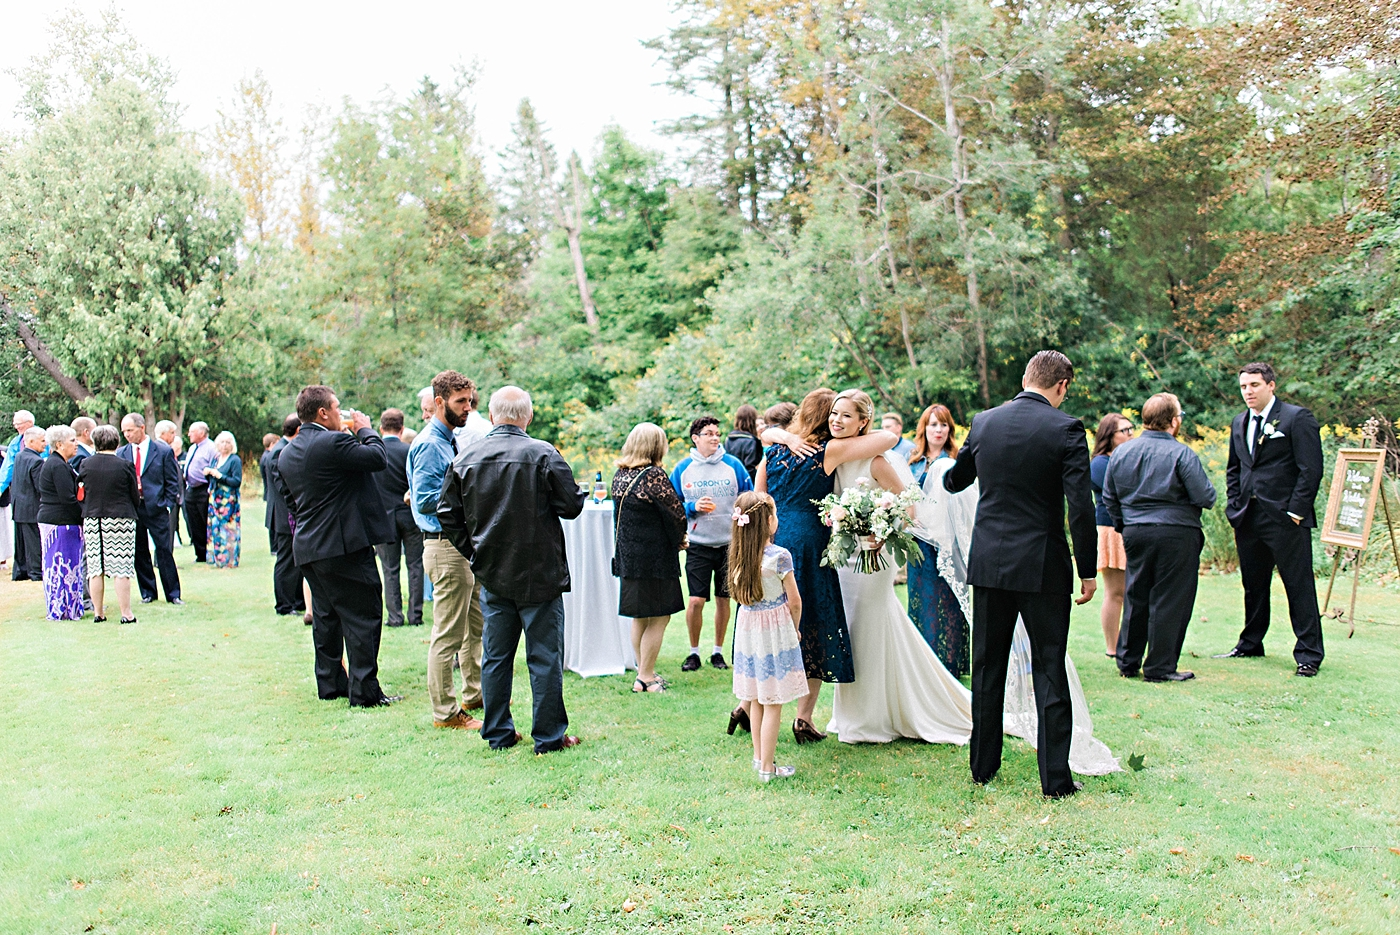 Halifax-Wedding-Photographer-New Brunswick Wedding- Nicolle & Ethan42.jpeg